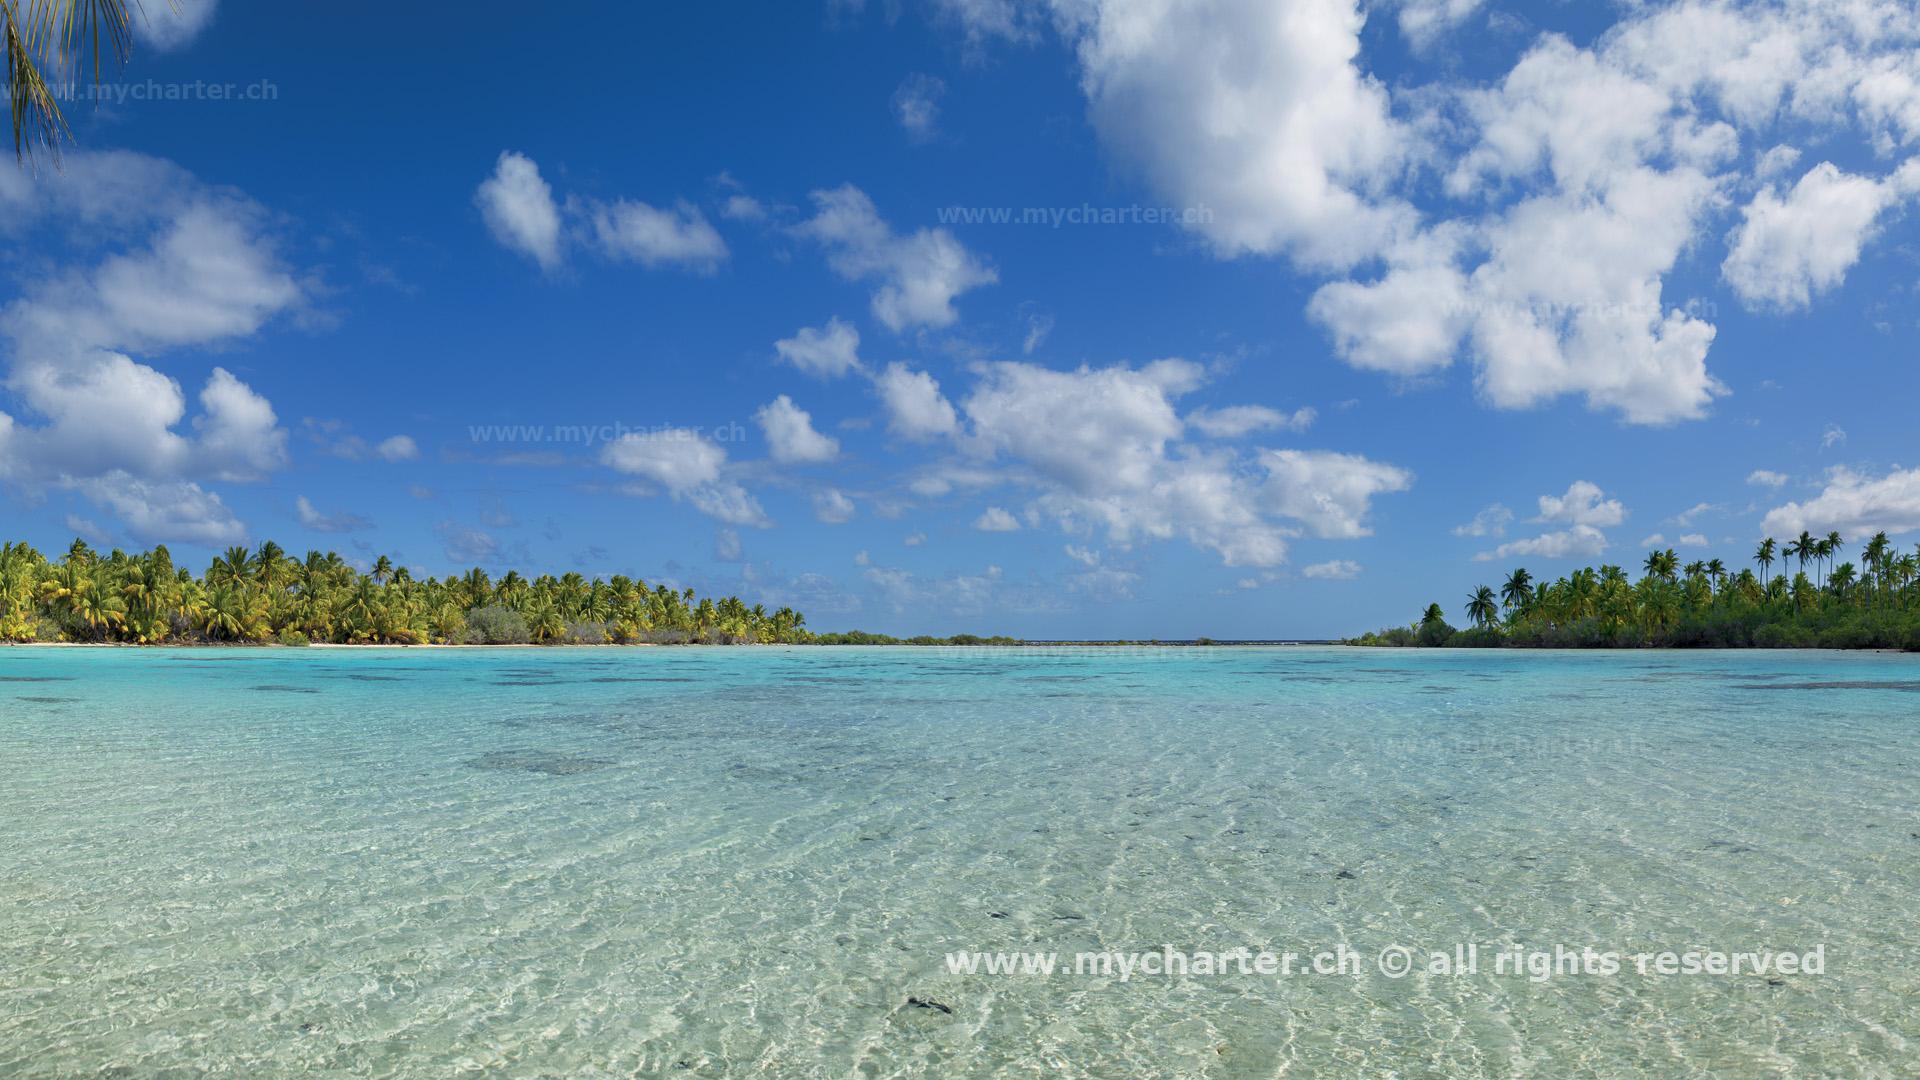 Toern Tahiti Insel Fakarawa